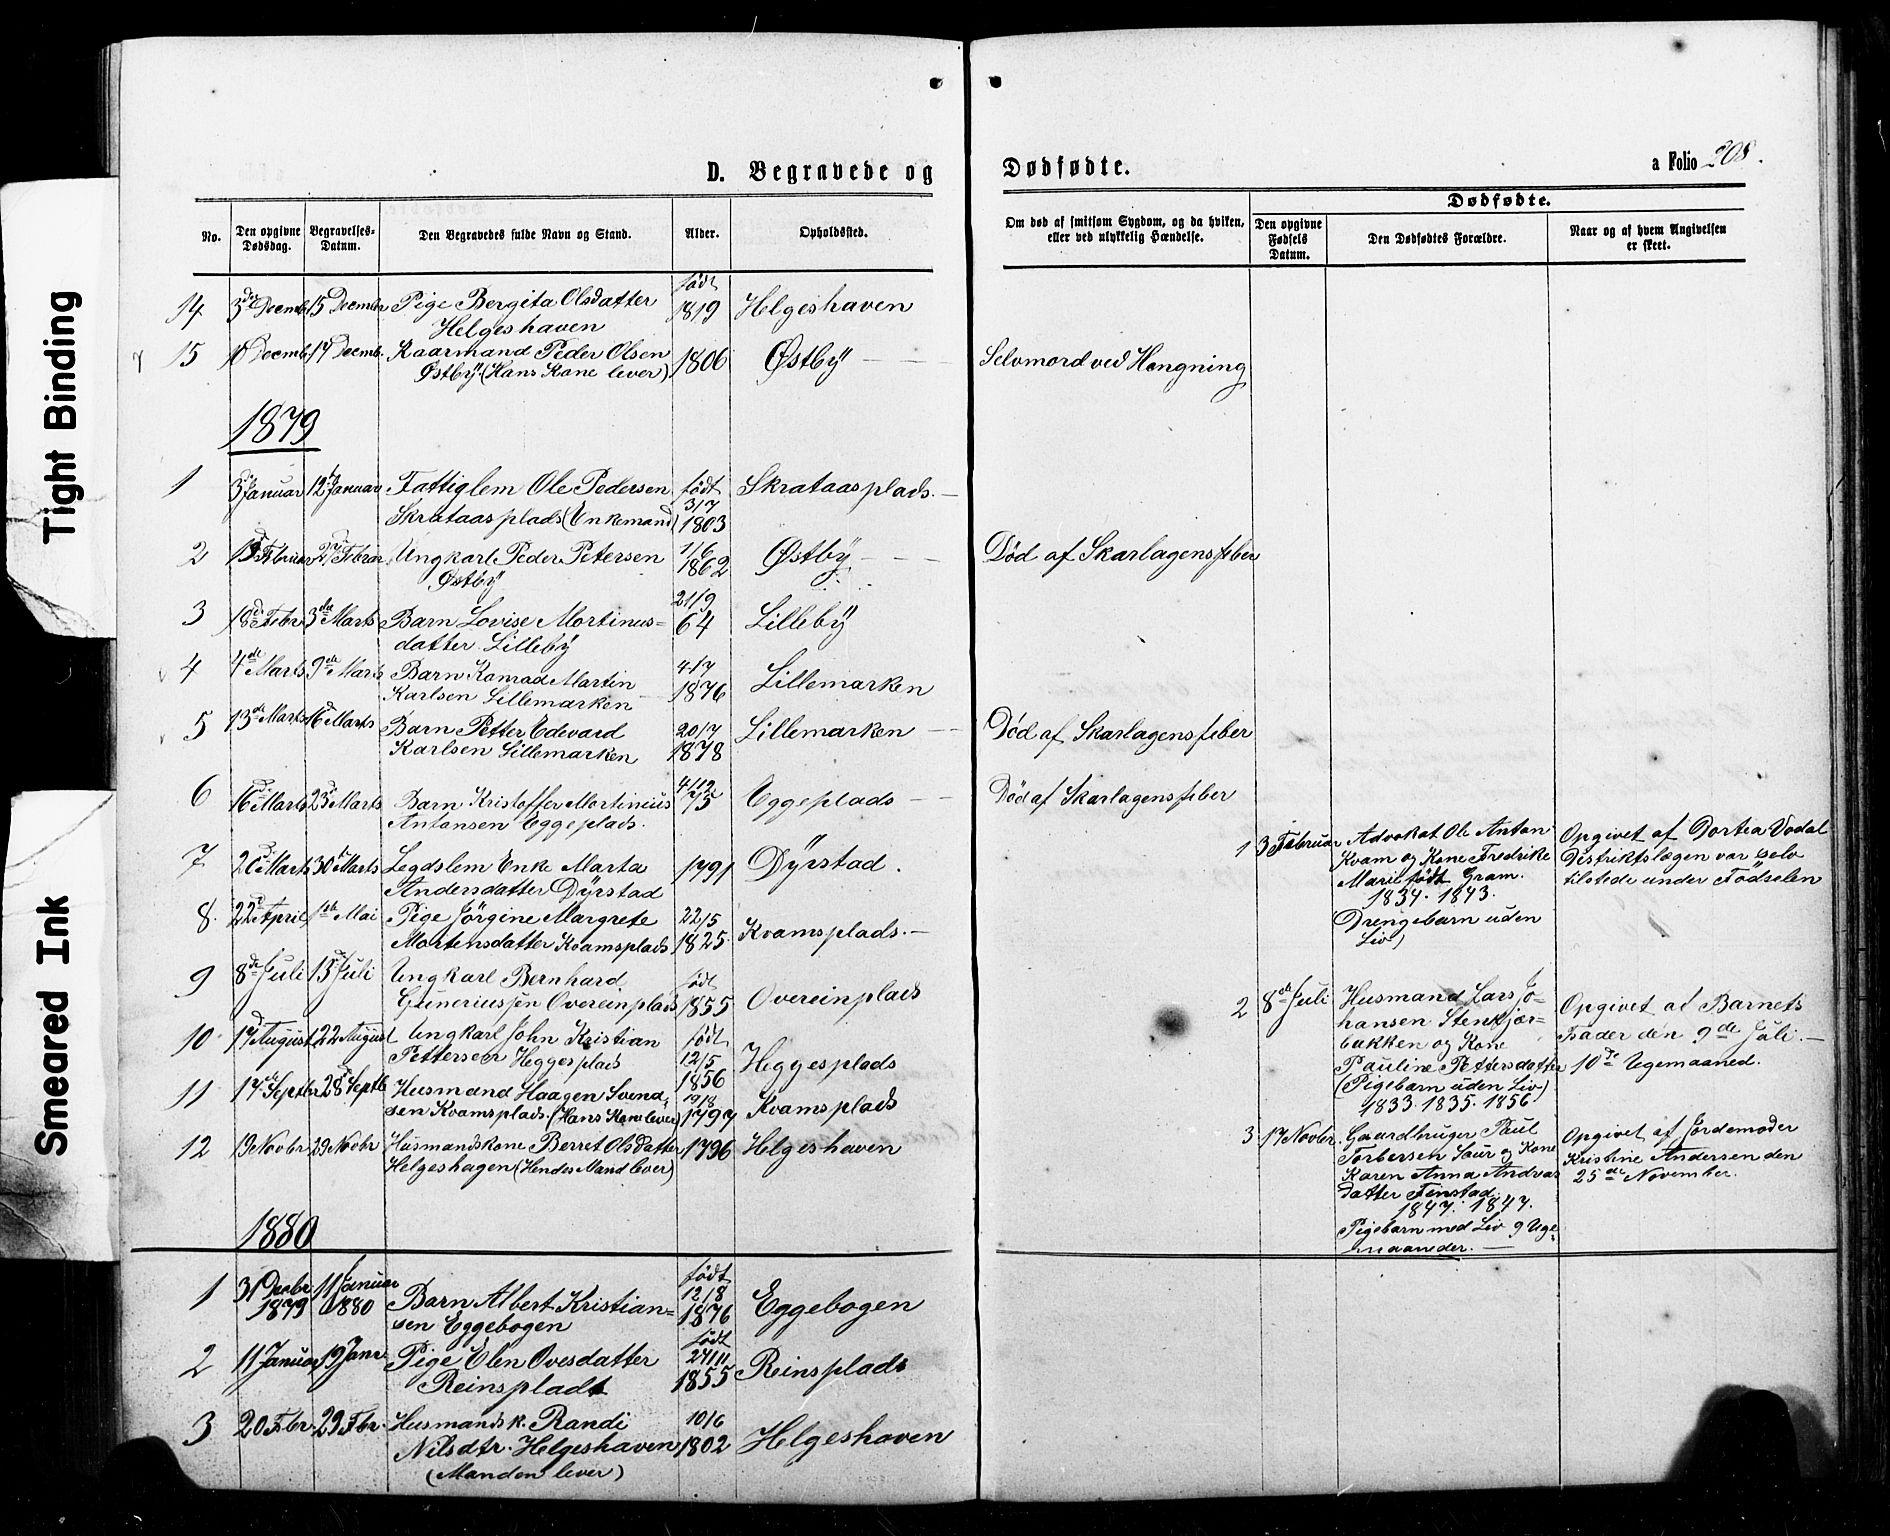 SAT, Ministerialprotokoller, klokkerbøker og fødselsregistre - Nord-Trøndelag, 740/L0380: Klokkerbok nr. 740C01, 1868-1902, s. 208